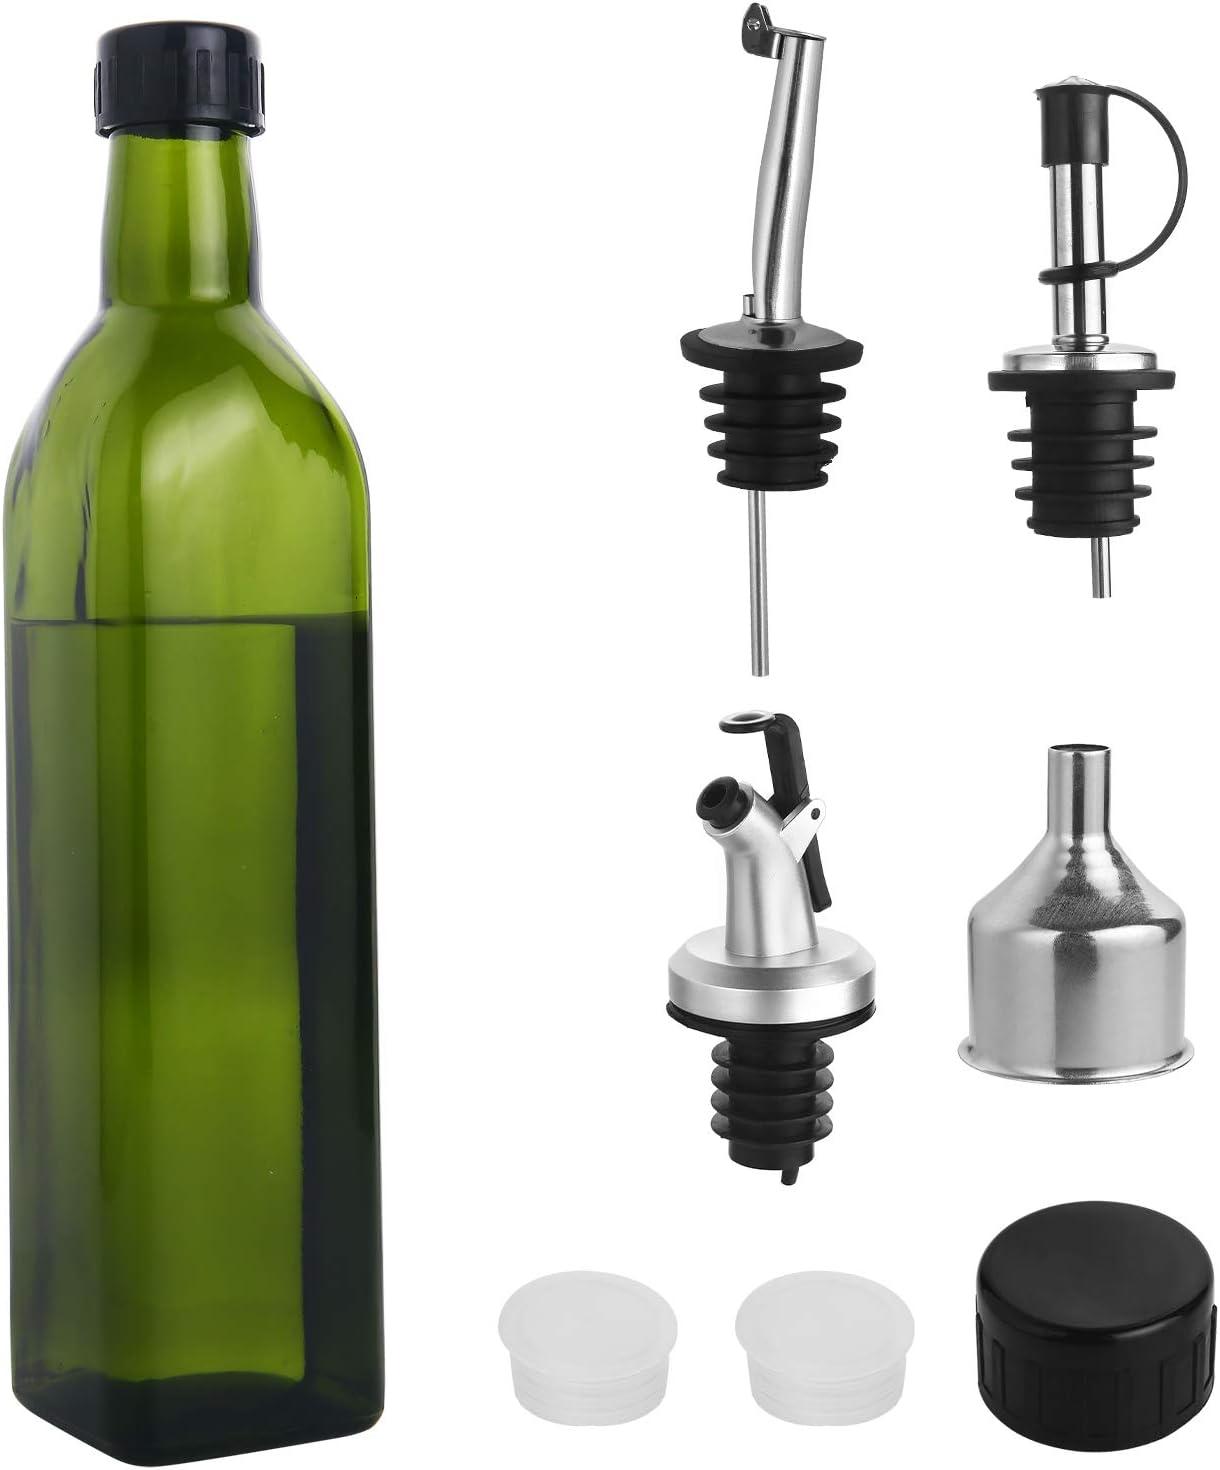 Glass online shop Olive Oil Dispenser Bottle Store - 500 oz. ml Dark 17 fl. Gr